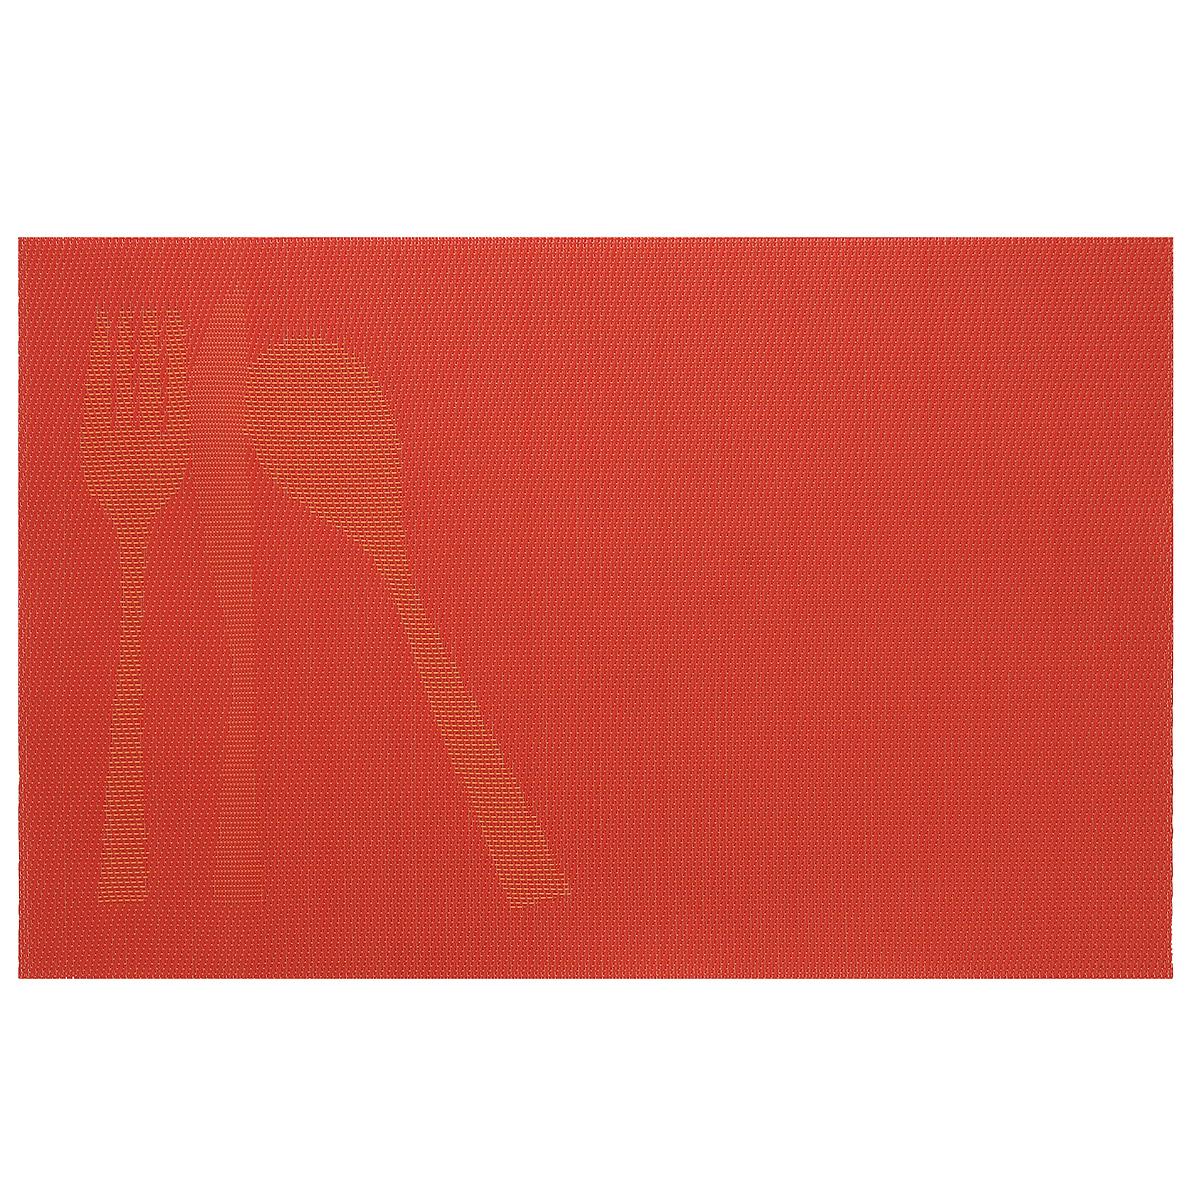 Подставка под горячее Amadeus, цвет: оранжевый, 44 х 29 см 28HZ-908528HZ-9085Прямоугольная подставка под горячее Amadeus выполнена из мягкого пластика и декорирована рисунком с изображением столовых приборов. Подставка не боится высоких температур и легко чистится от пятен и жира. Каждая хозяйка знает, что подставка под горячее - это незаменимый и очень полезный аксессуар на каждой кухне. Ваш стол будет не только украшен оригинальной подставкой с красивым рисунком, но и сбережен от воздействия высоких температур ваших кулинарных шедевров. Размер подставки: 44 см х 29 см.